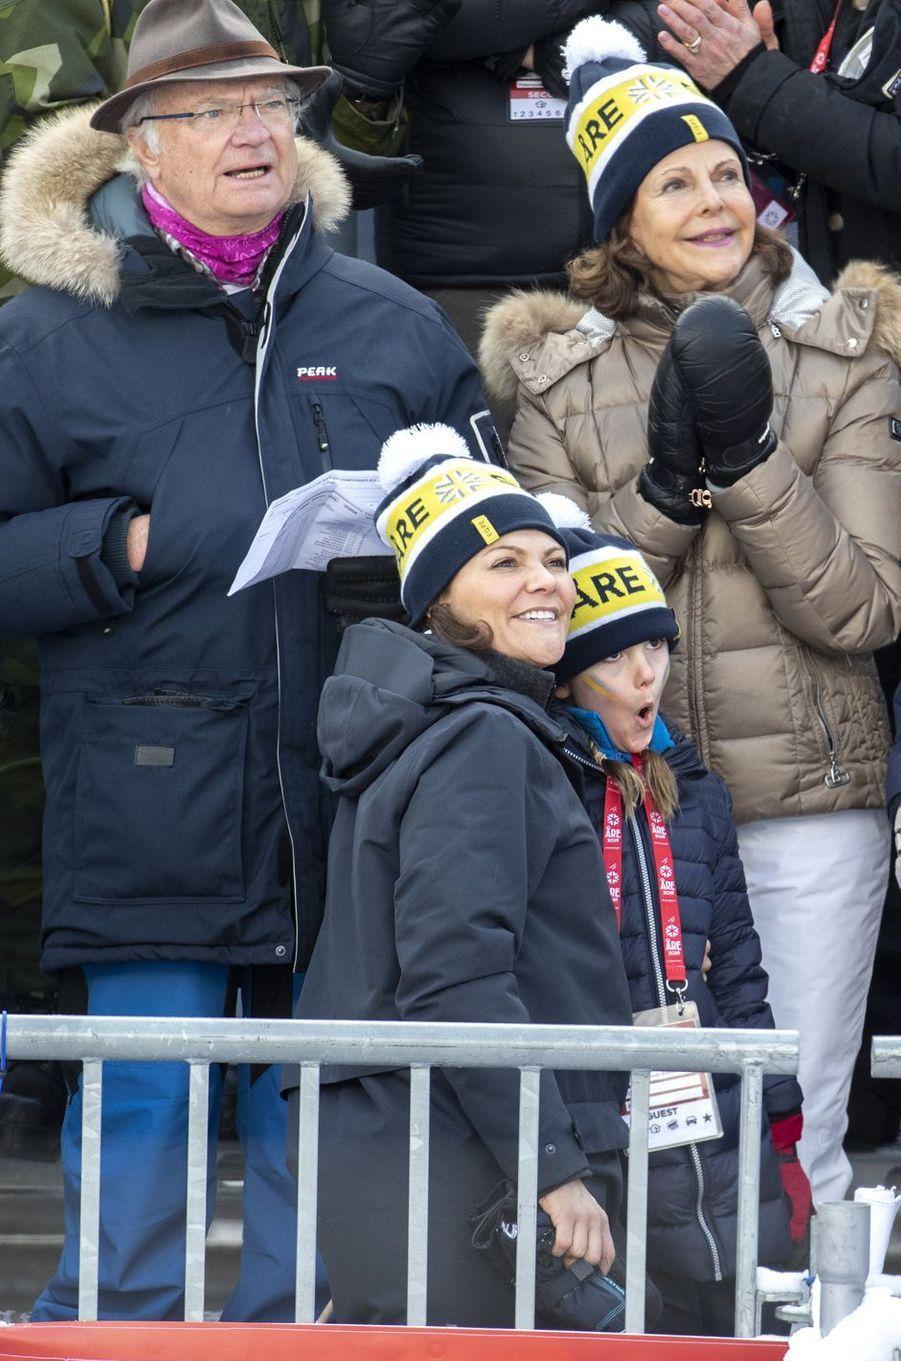 Les princesses Estelle et Victoria de Suède avec la reine Silvia et le roi Carl XVI Gustaf à Are, le week-end des 9 et 10 février 2019